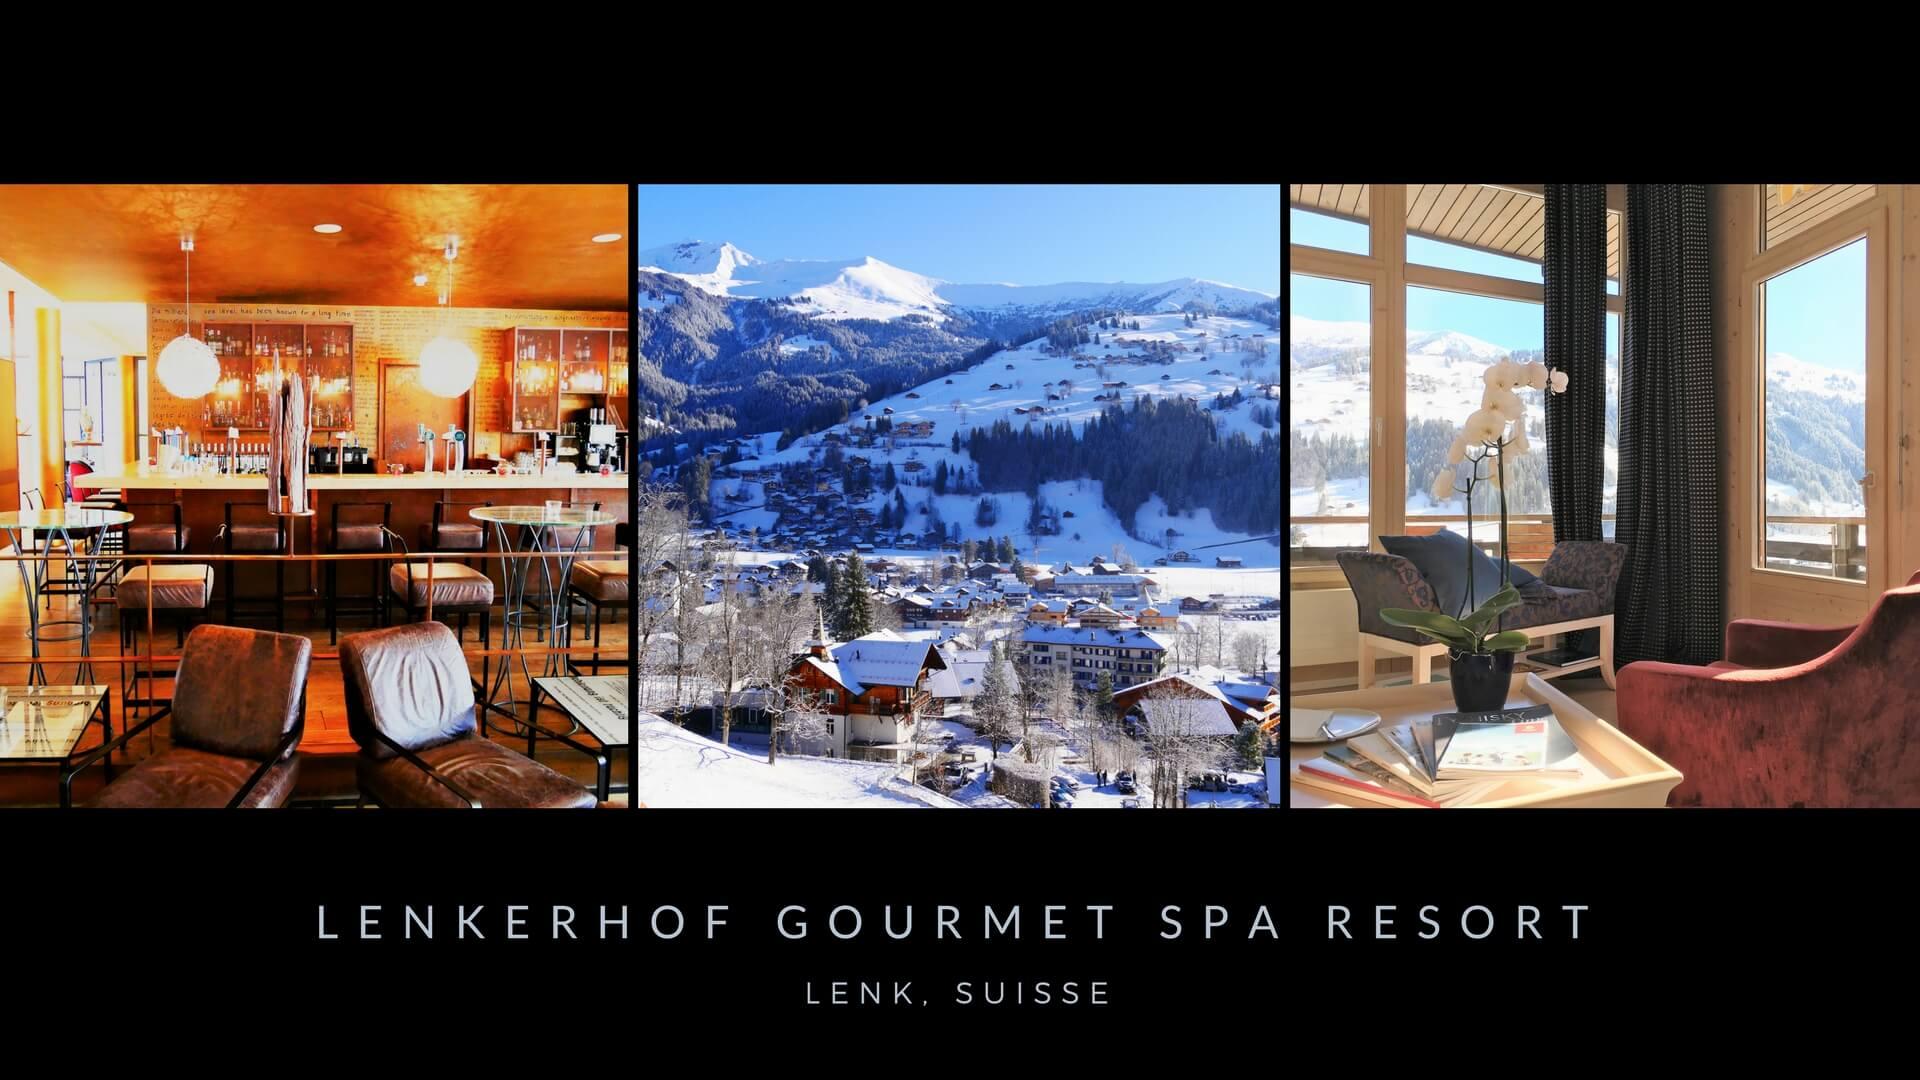 Un Sejour Romantique En Suisse Au Lenkerhof Gourmet Spa Resort